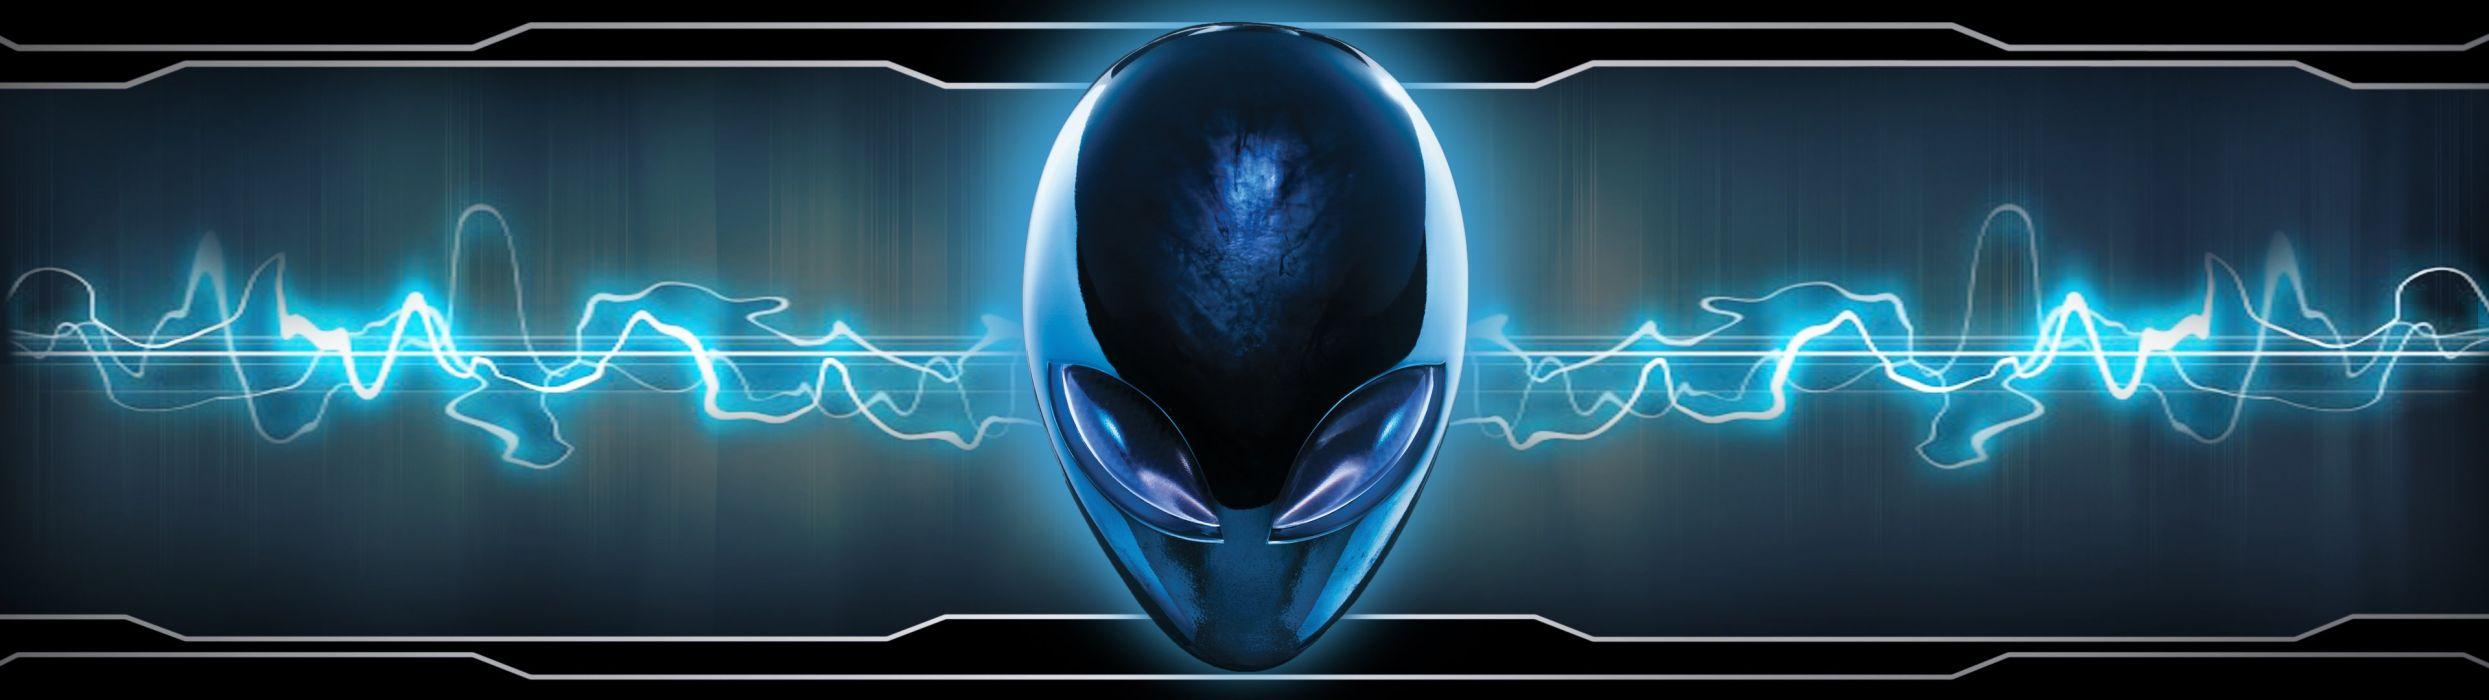 dual monitor scrren multi multiple alien alienware wallpaper